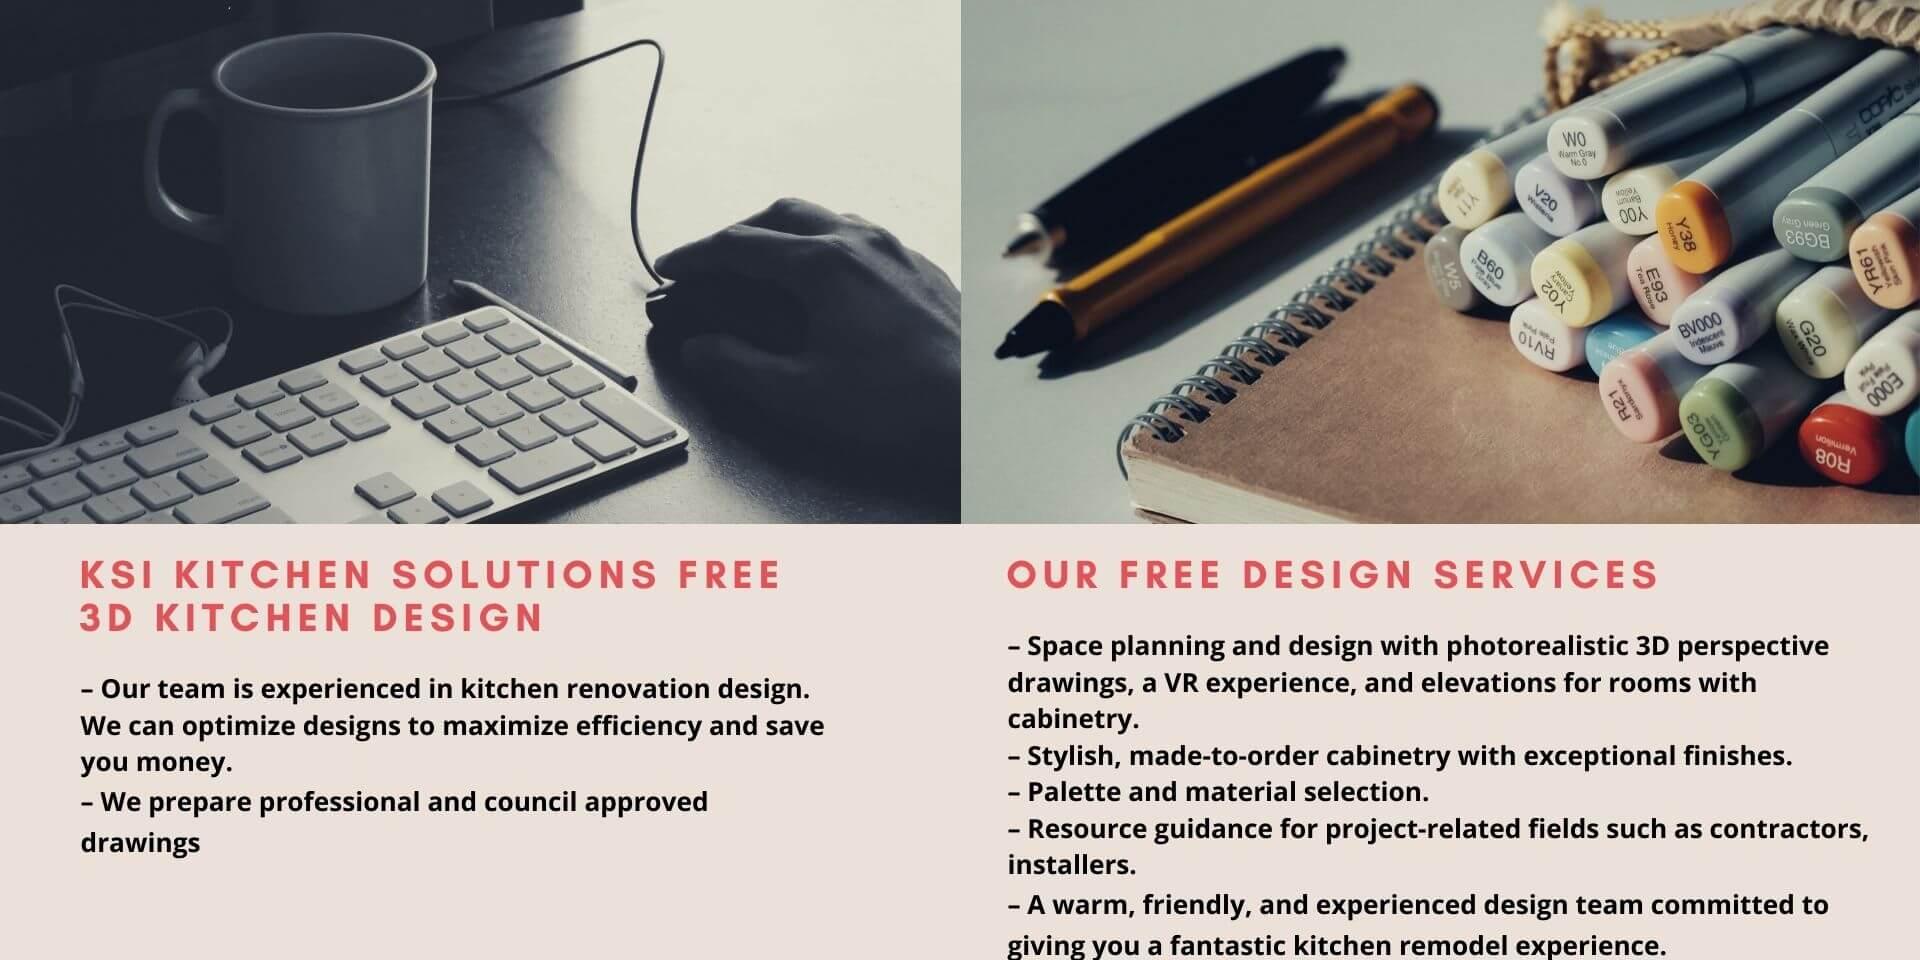 New Free Design ksi